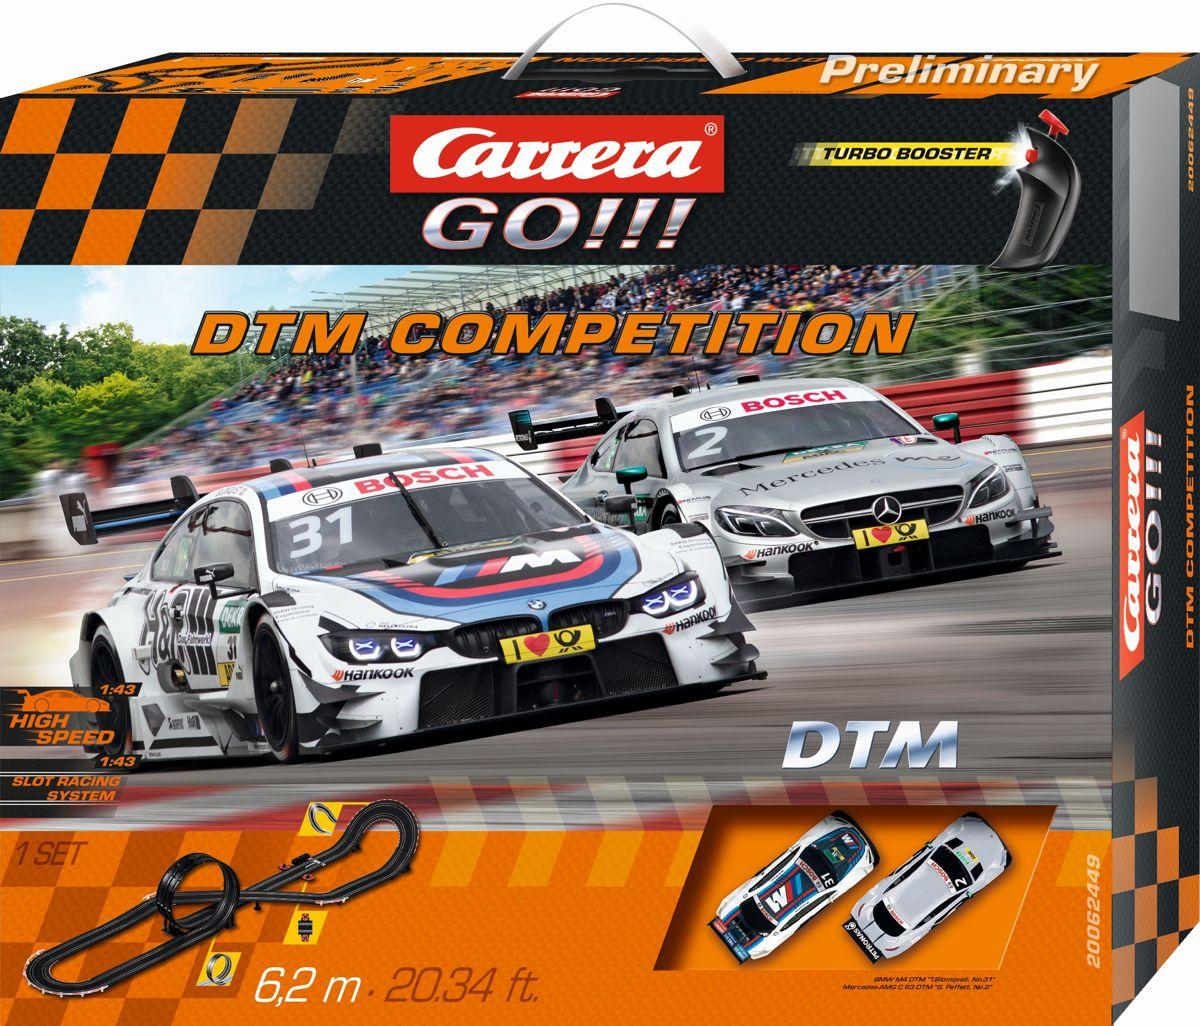 Carrera GO!!! DTM Competition - Racebaan prijzen vergelijken. Klik voor vergroting.